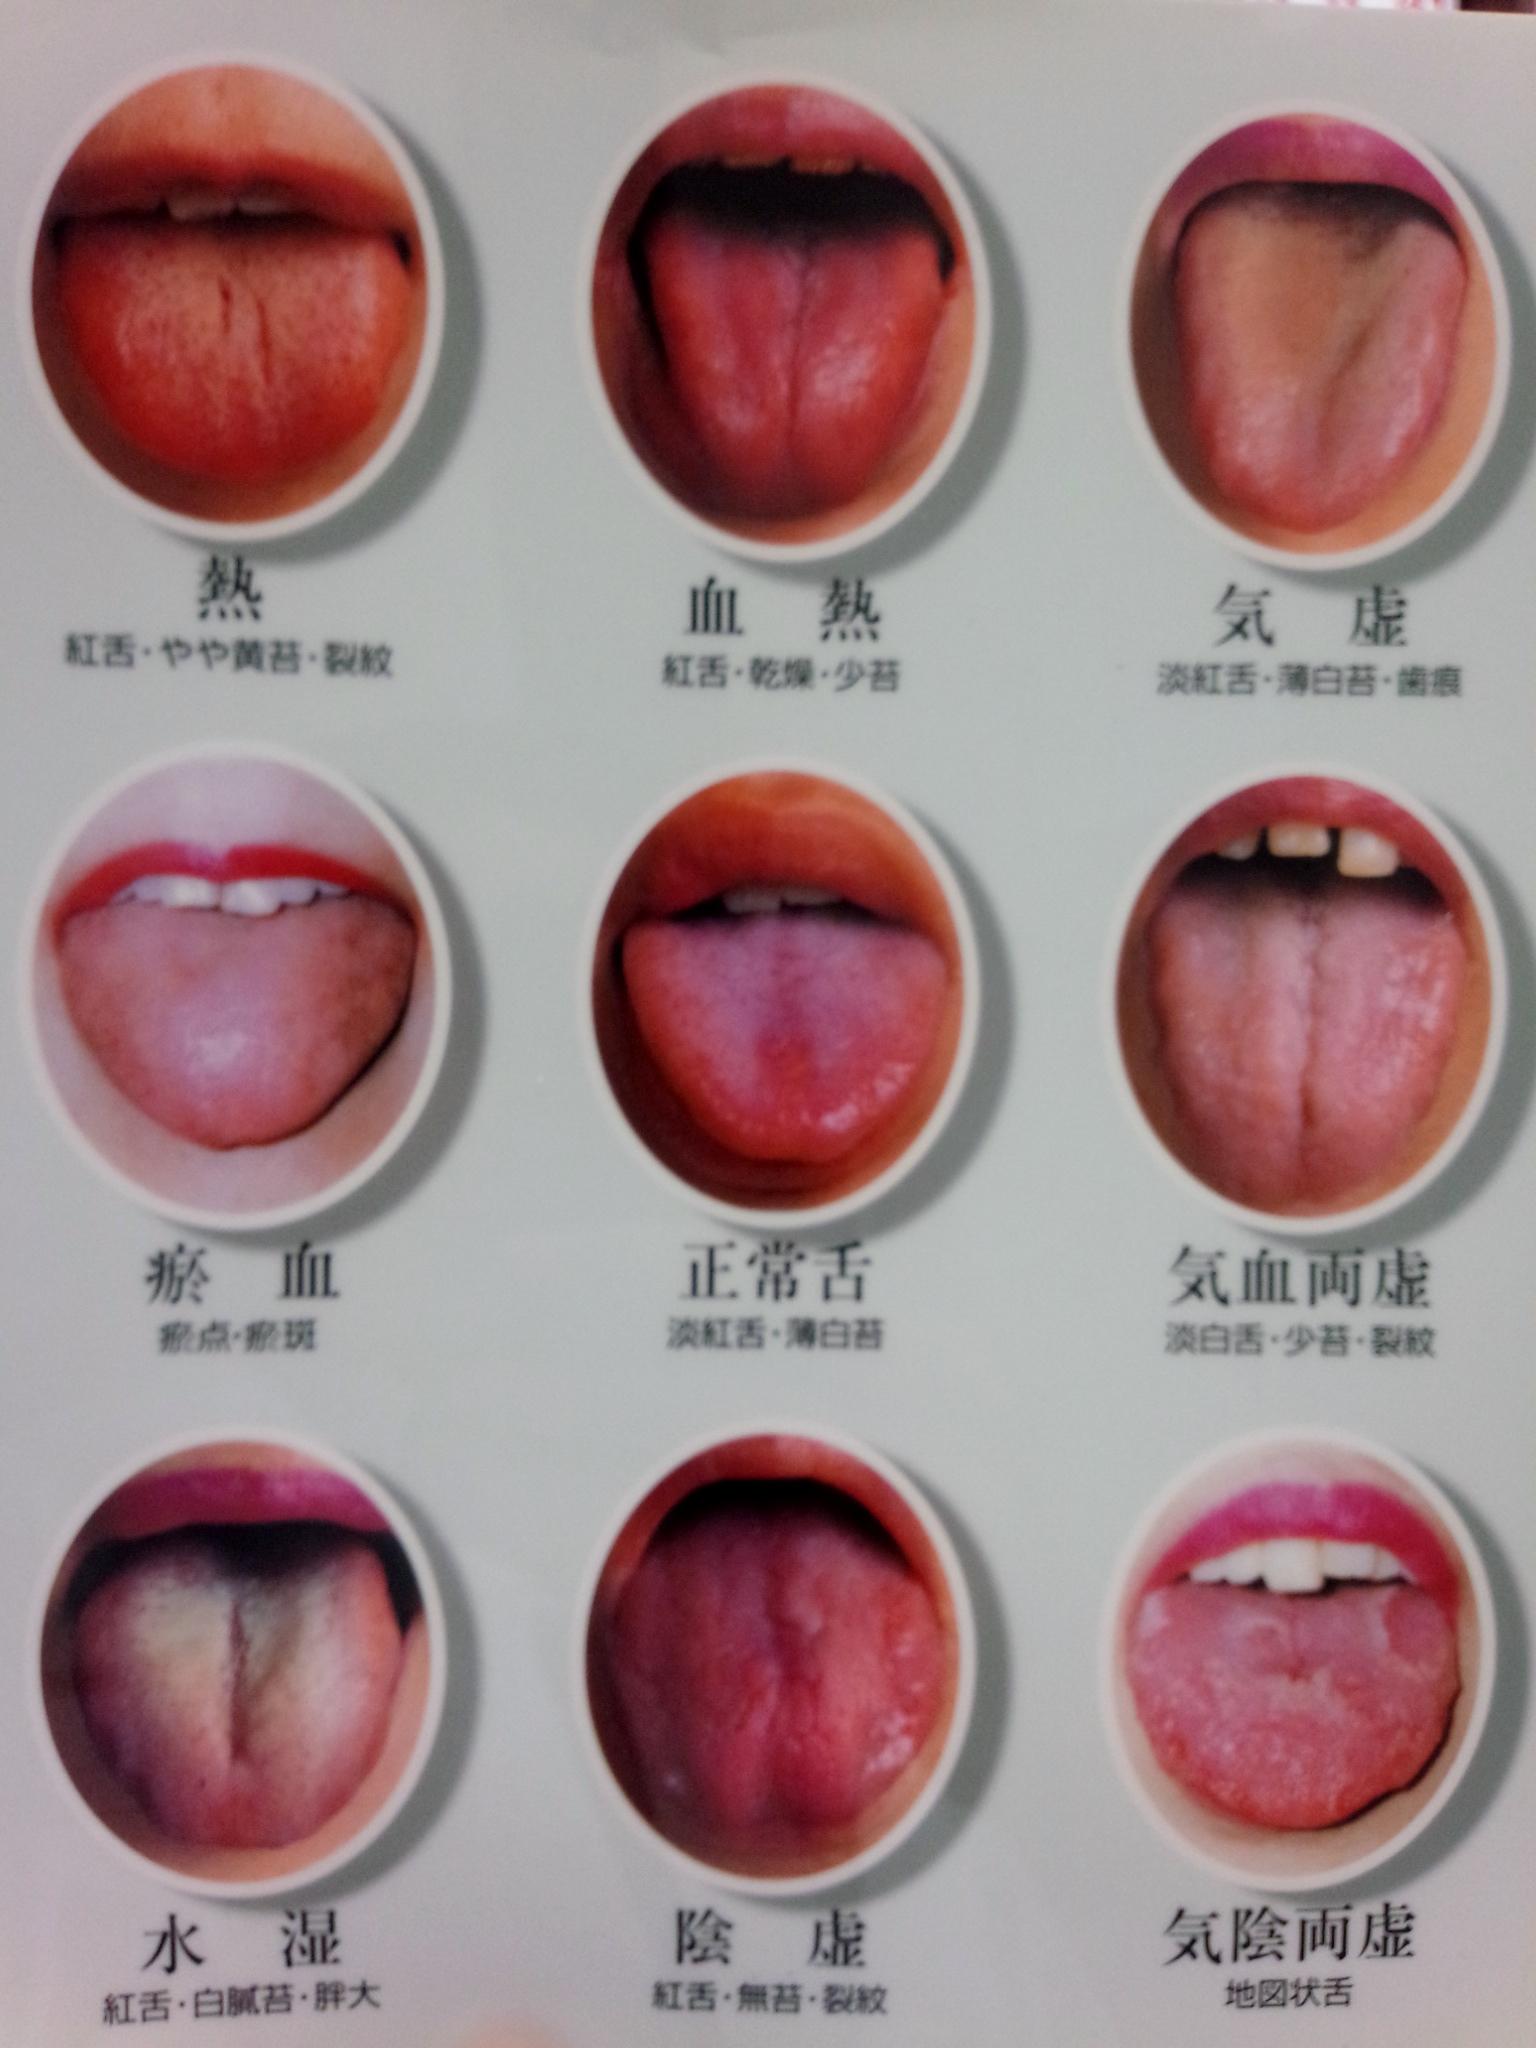 巡心堂漢方薬局(大阪府八尾市)の東洋医学舌診解説の写真です。